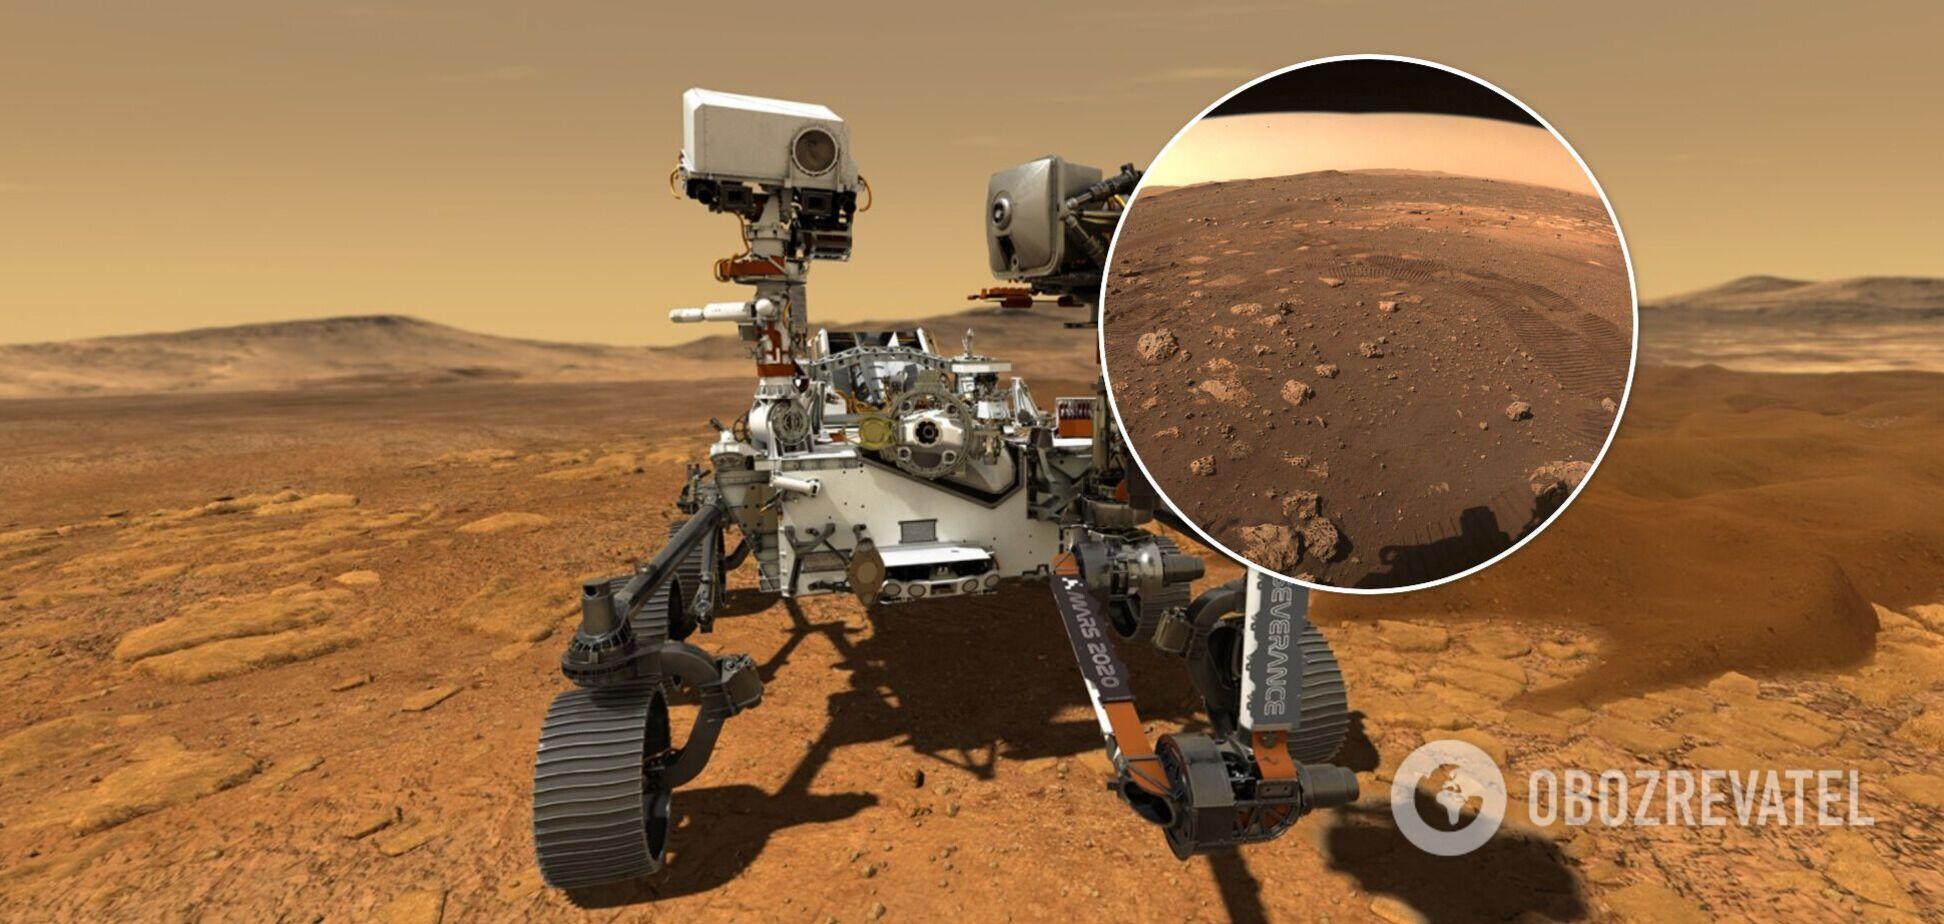 Perseverance вперше проїхався Марсом і зафільмував це